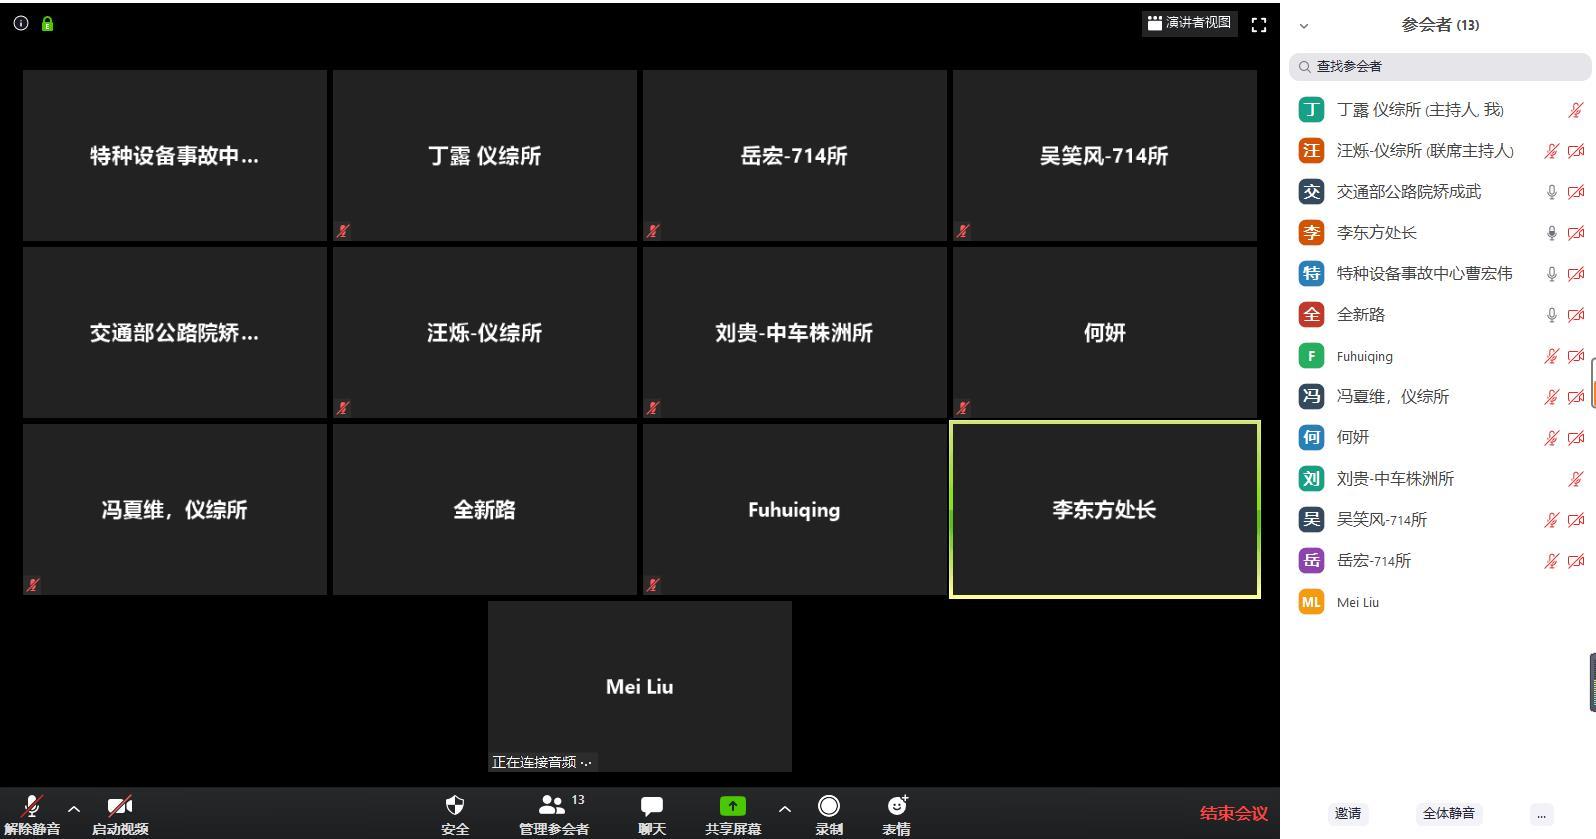 """仪综所召开""""事故灾难国际标准研究组""""第二次视频会议"""